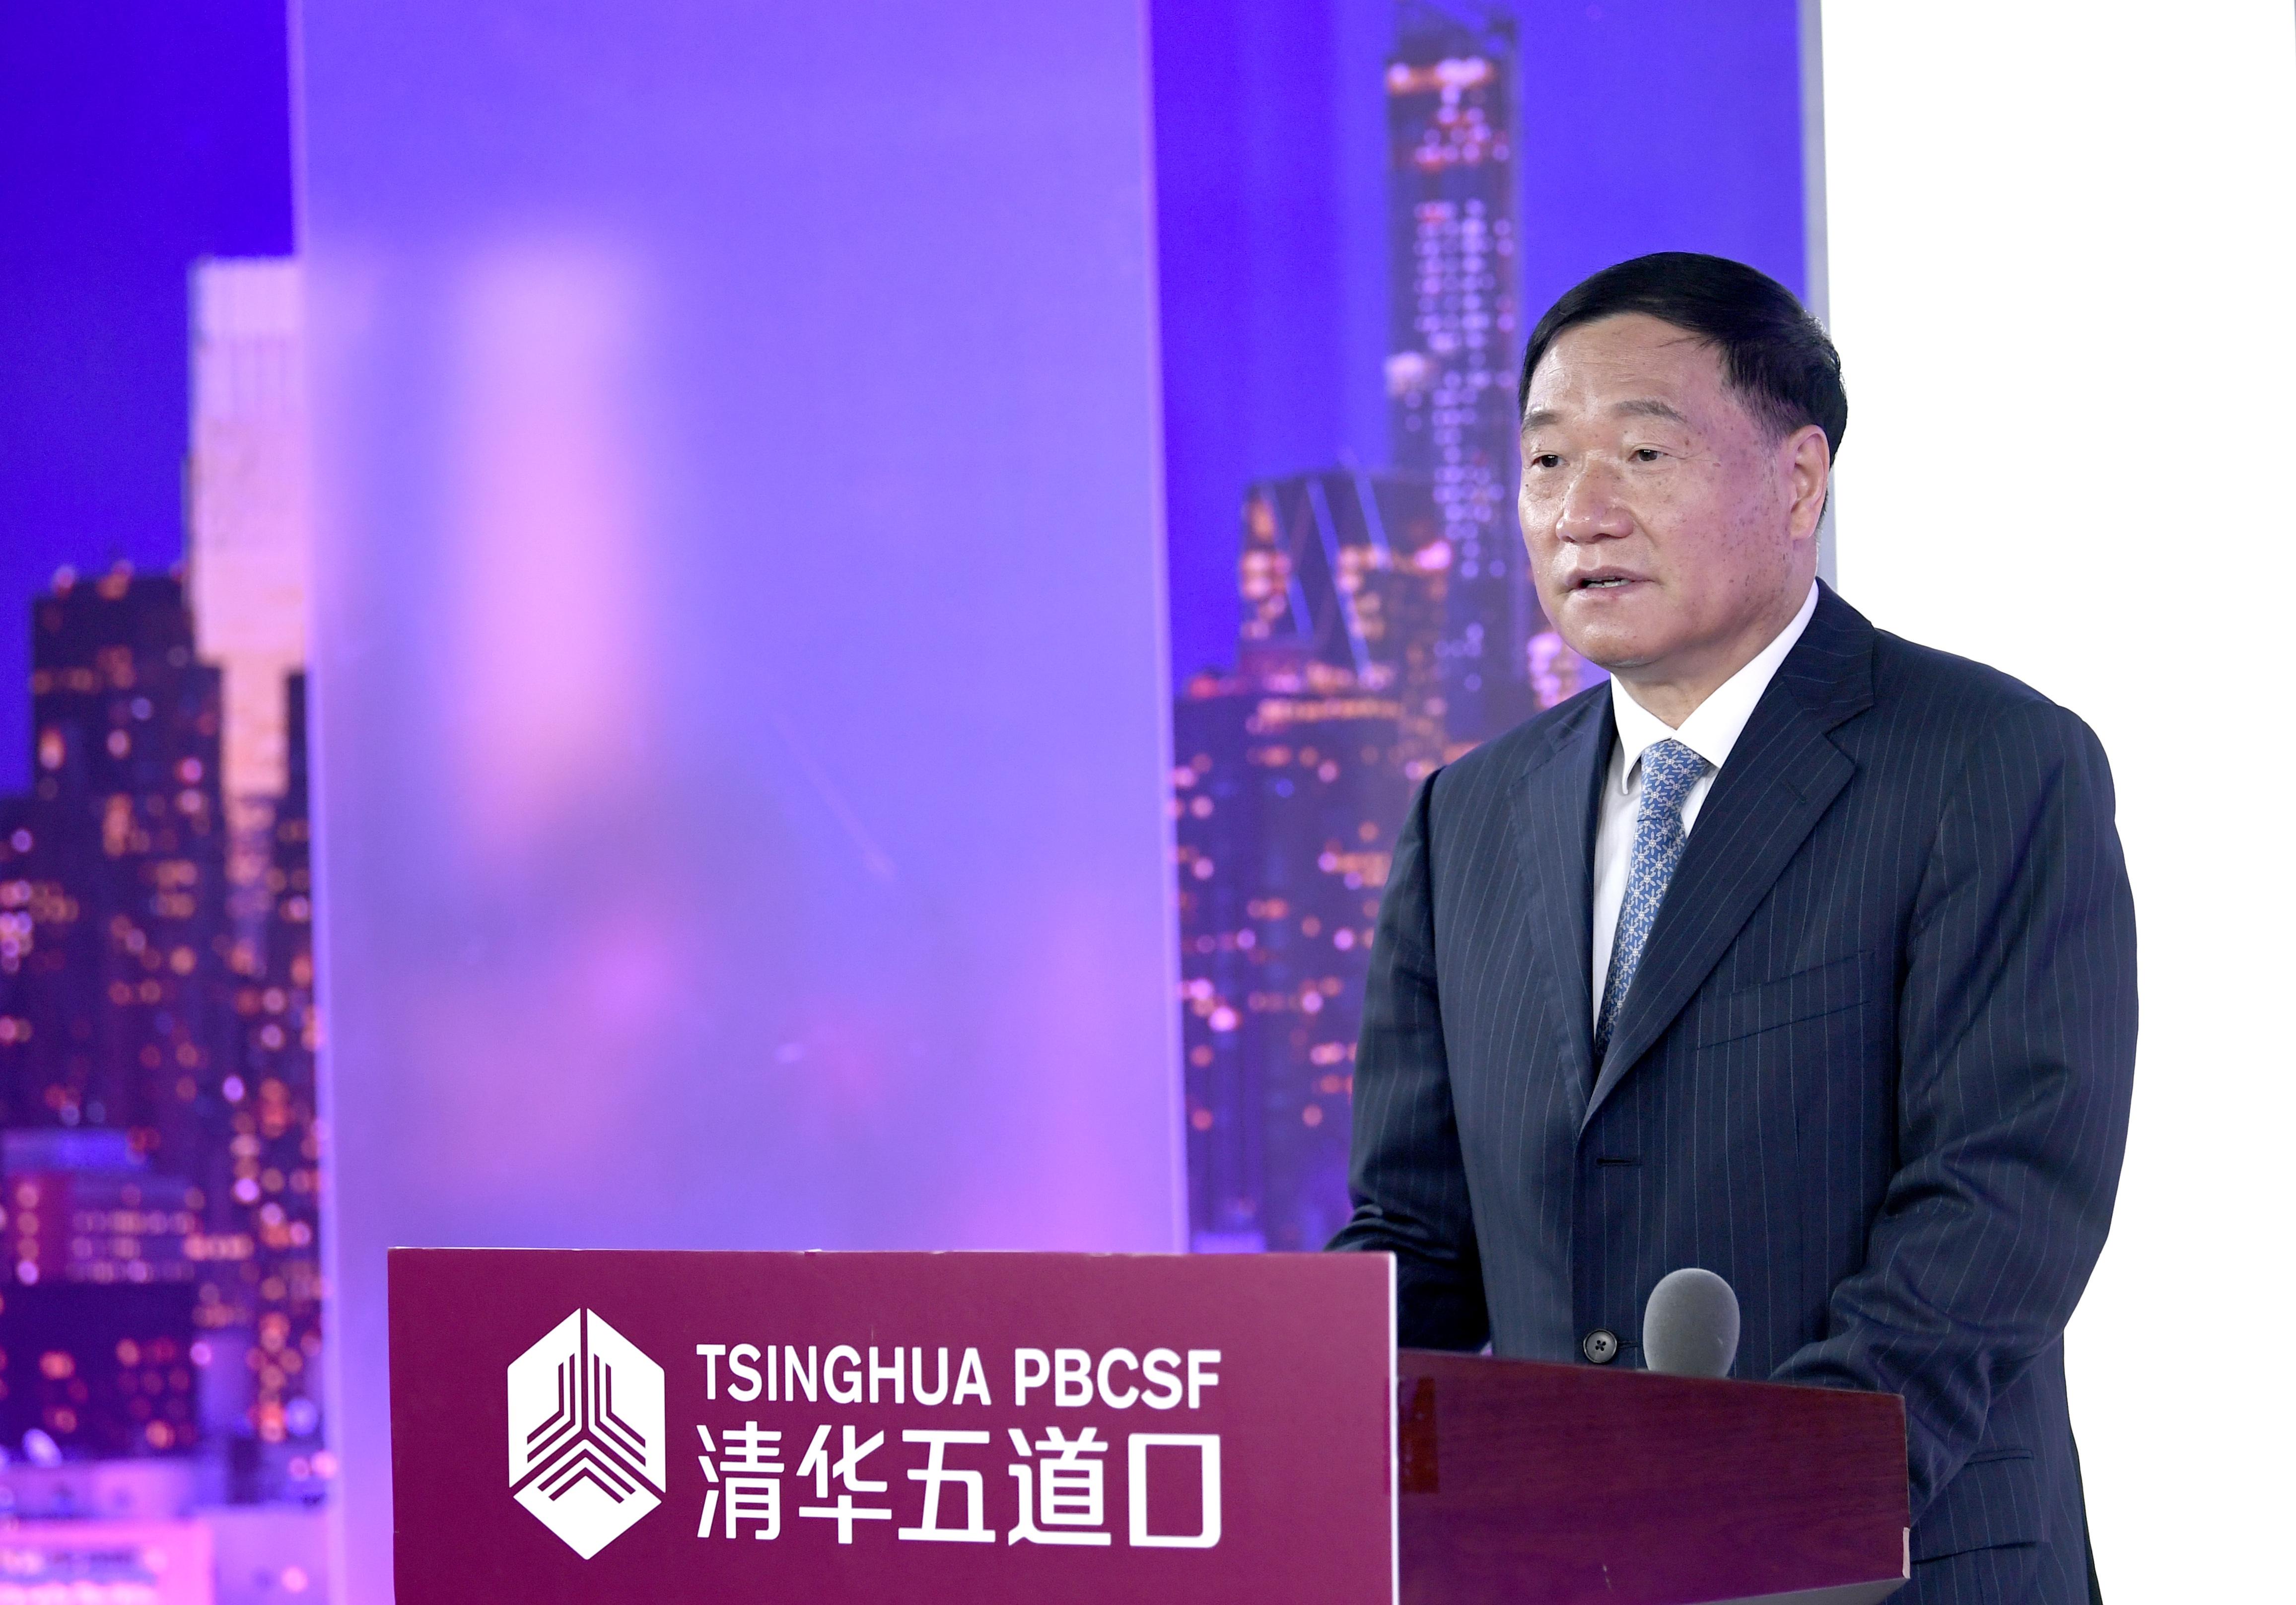 肖钢:具有超大规模的市场潜力是中国应对疫情的独特优势